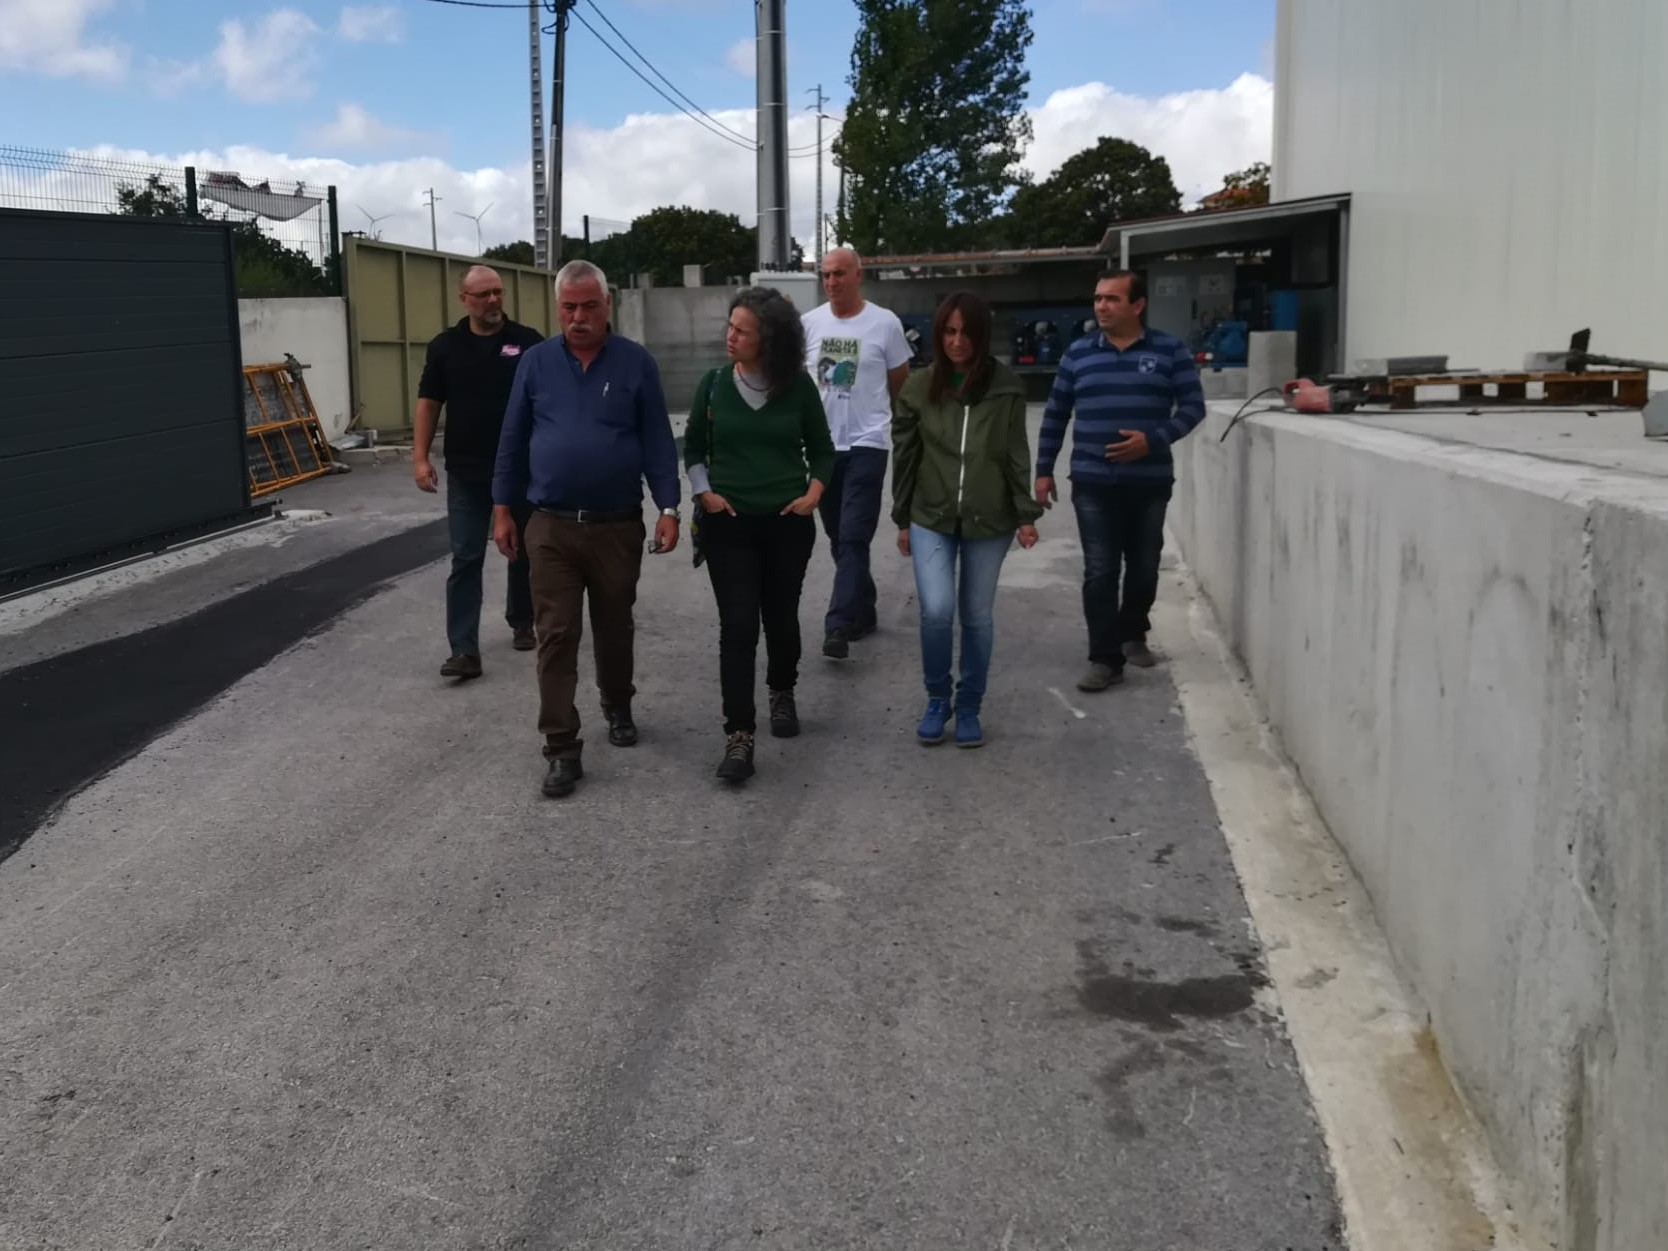 Visita à Agromentenegro levanta preocupações com o futuro da produção de castanha na região